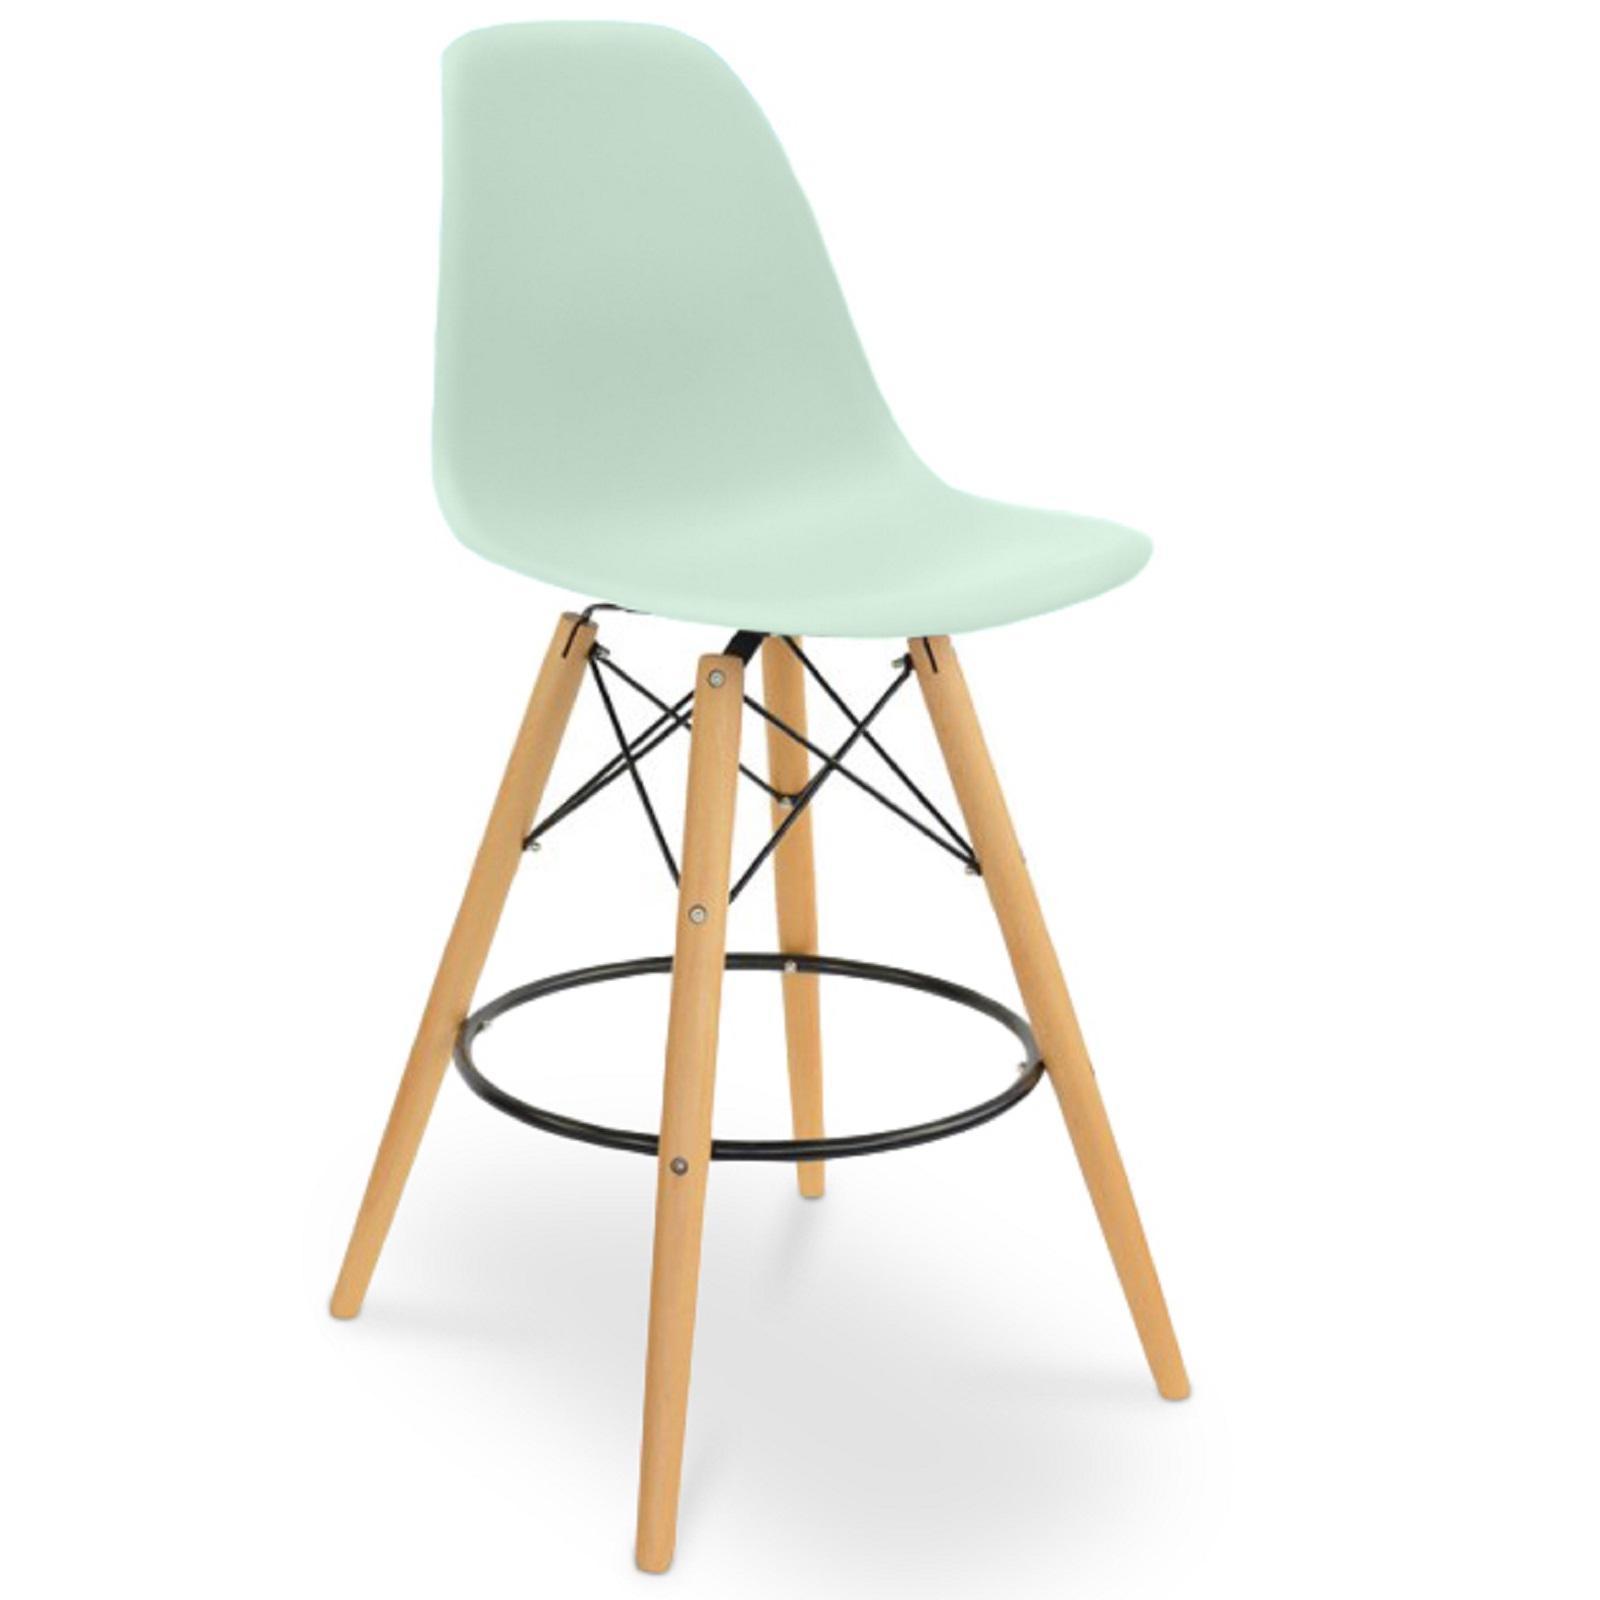 tabouret polypropyl ne vert pastel mat et h tre massif. Black Bedroom Furniture Sets. Home Design Ideas